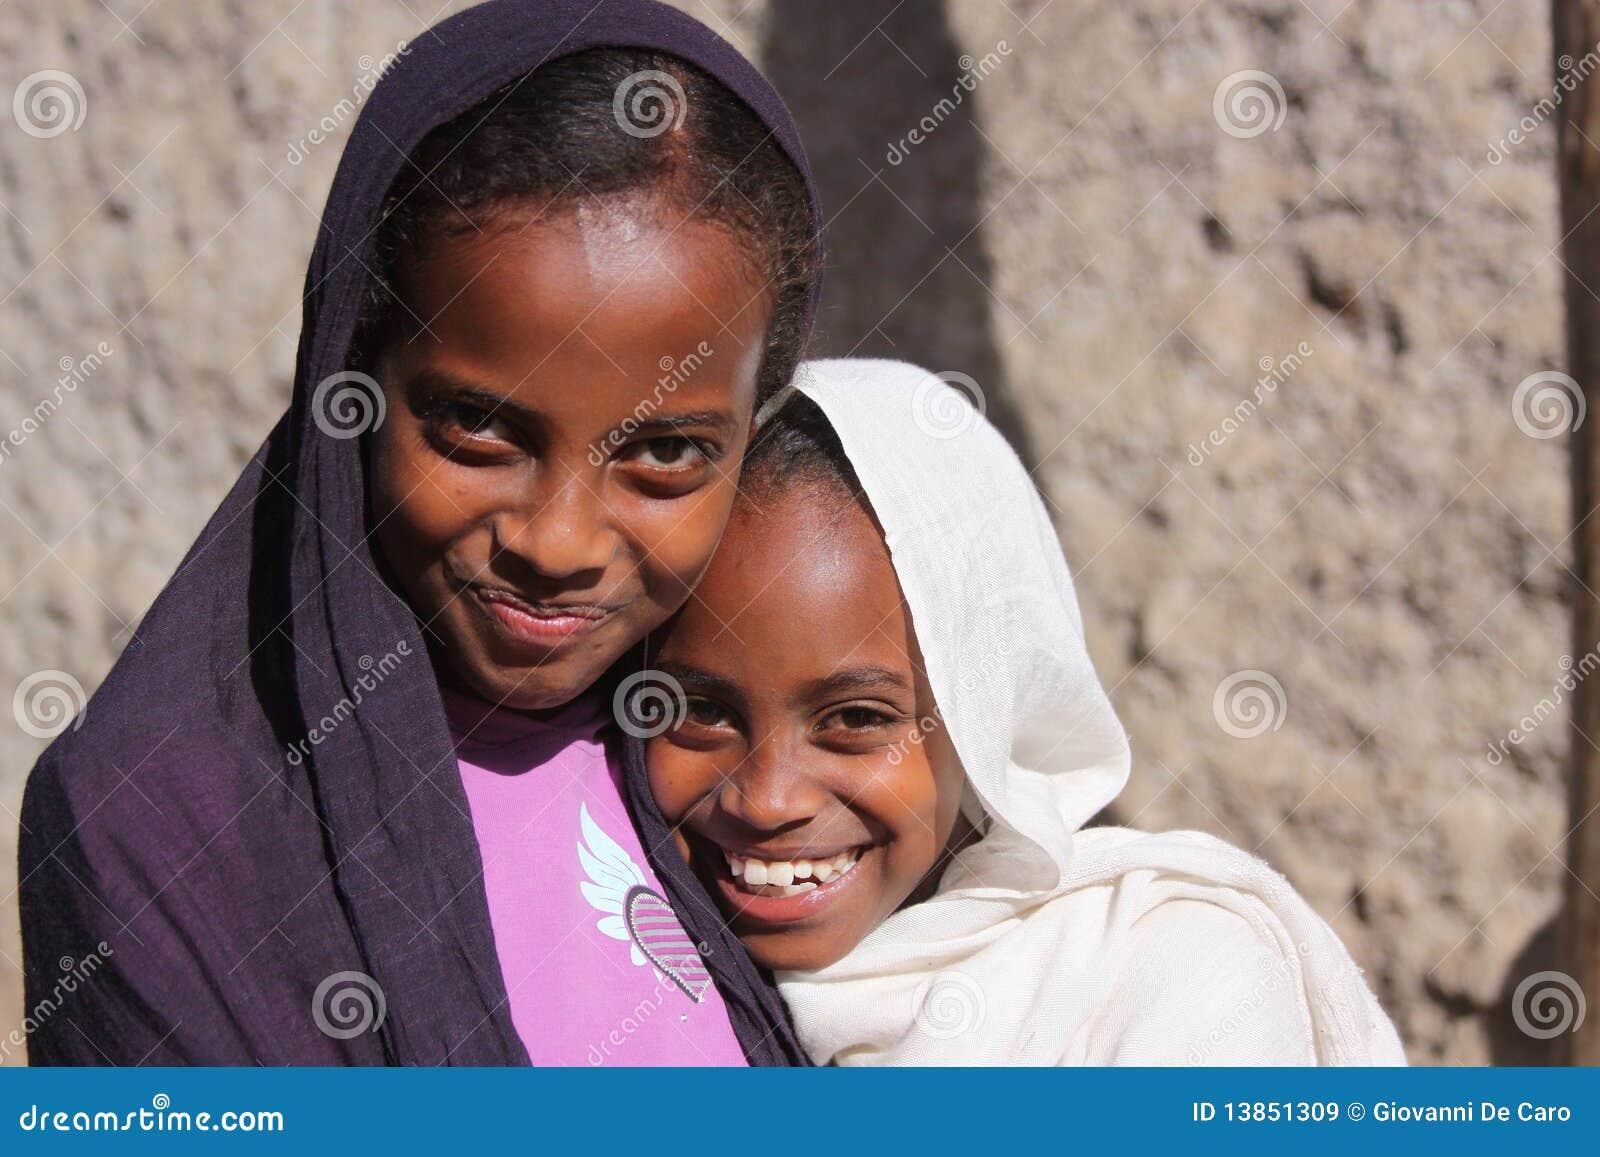 埃塞俄比亚女孩